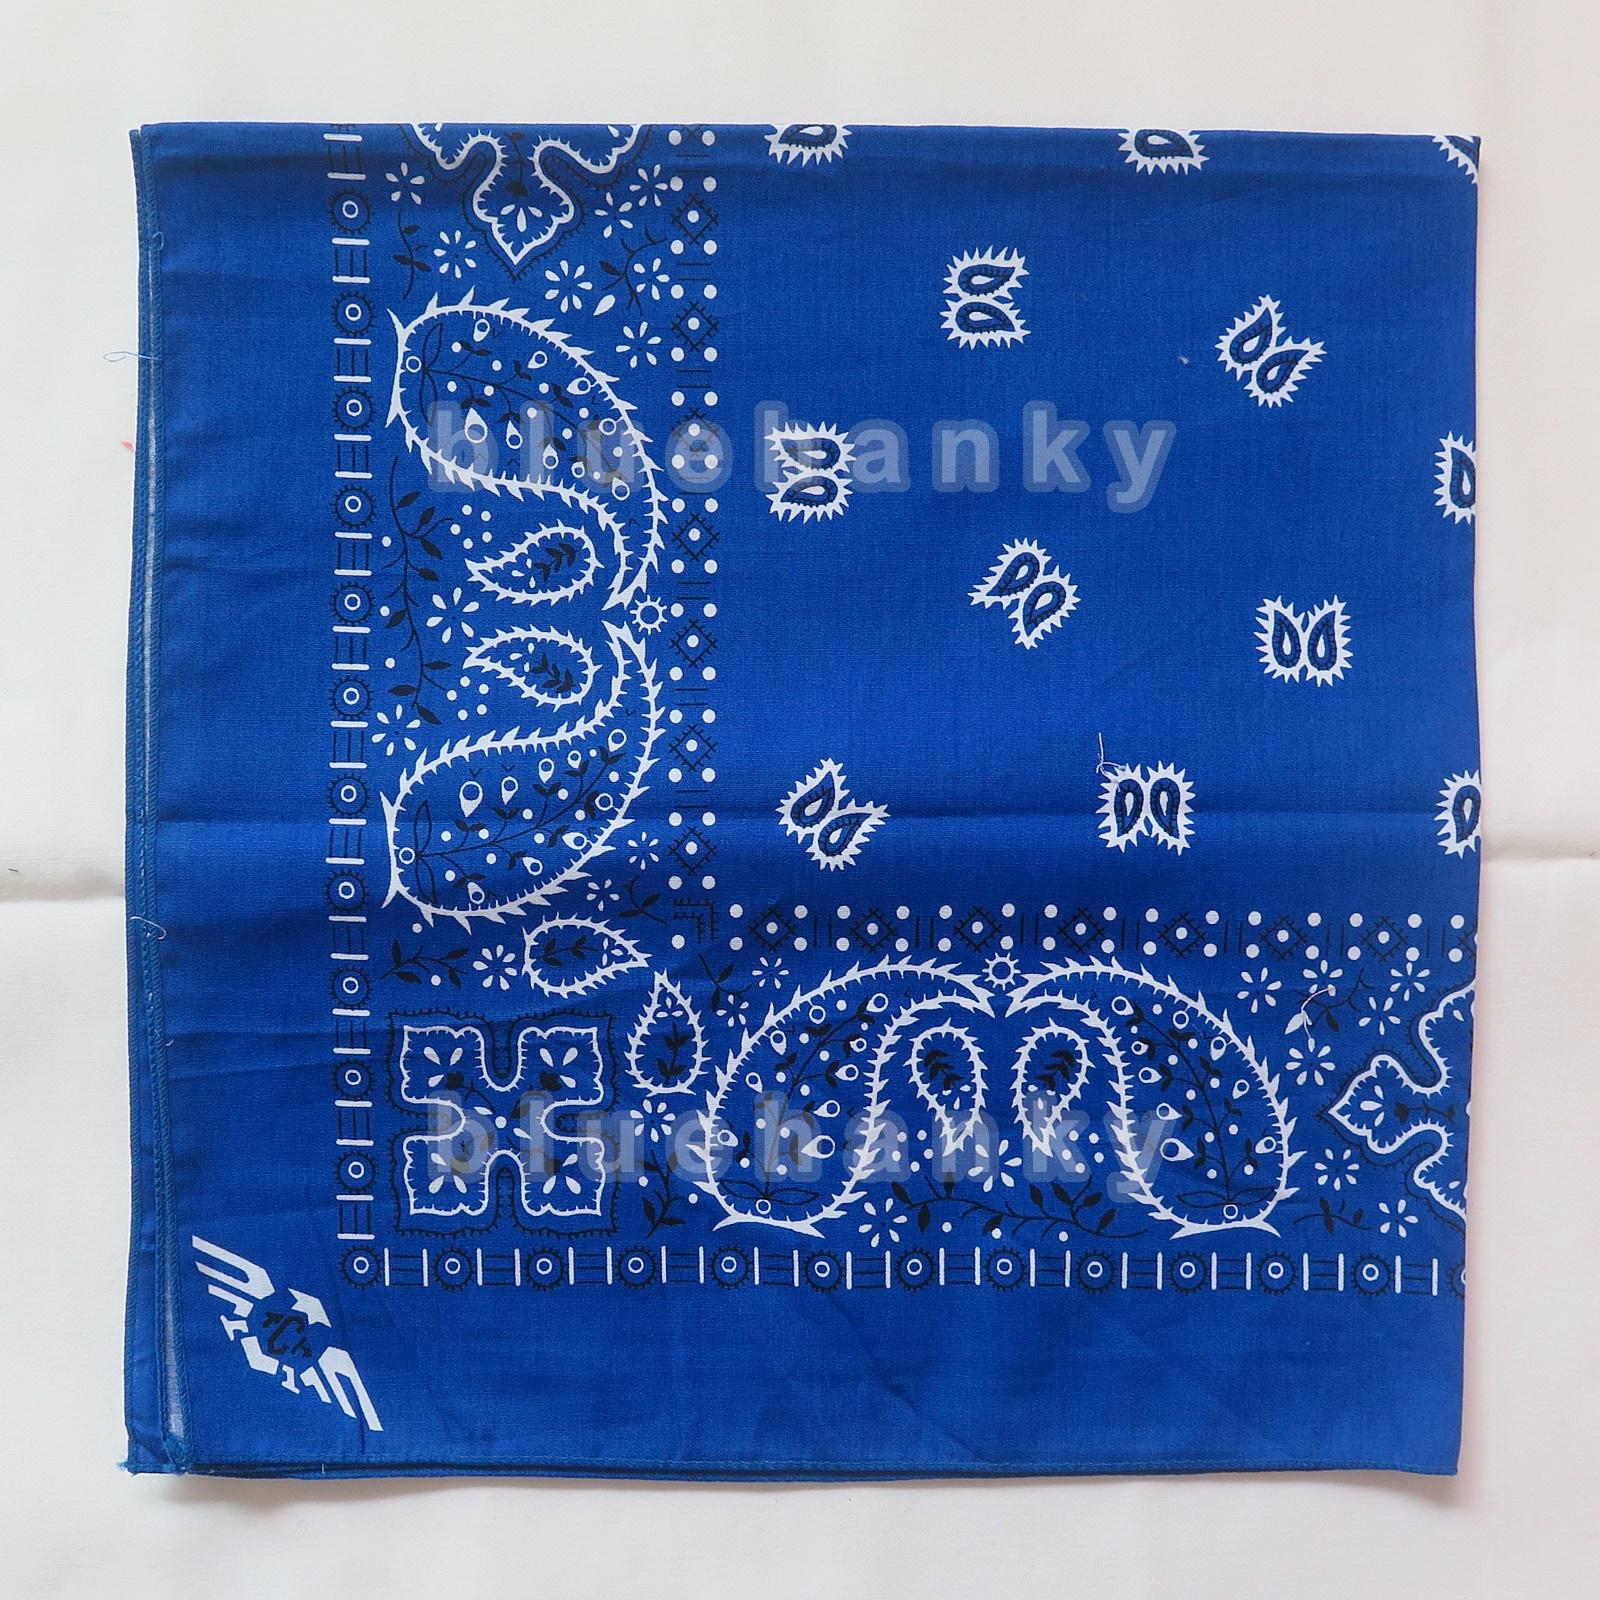 ผ้าพันคอBandannasไซส์บิ๊ก 28นิ้ว สีน้ำเงิน